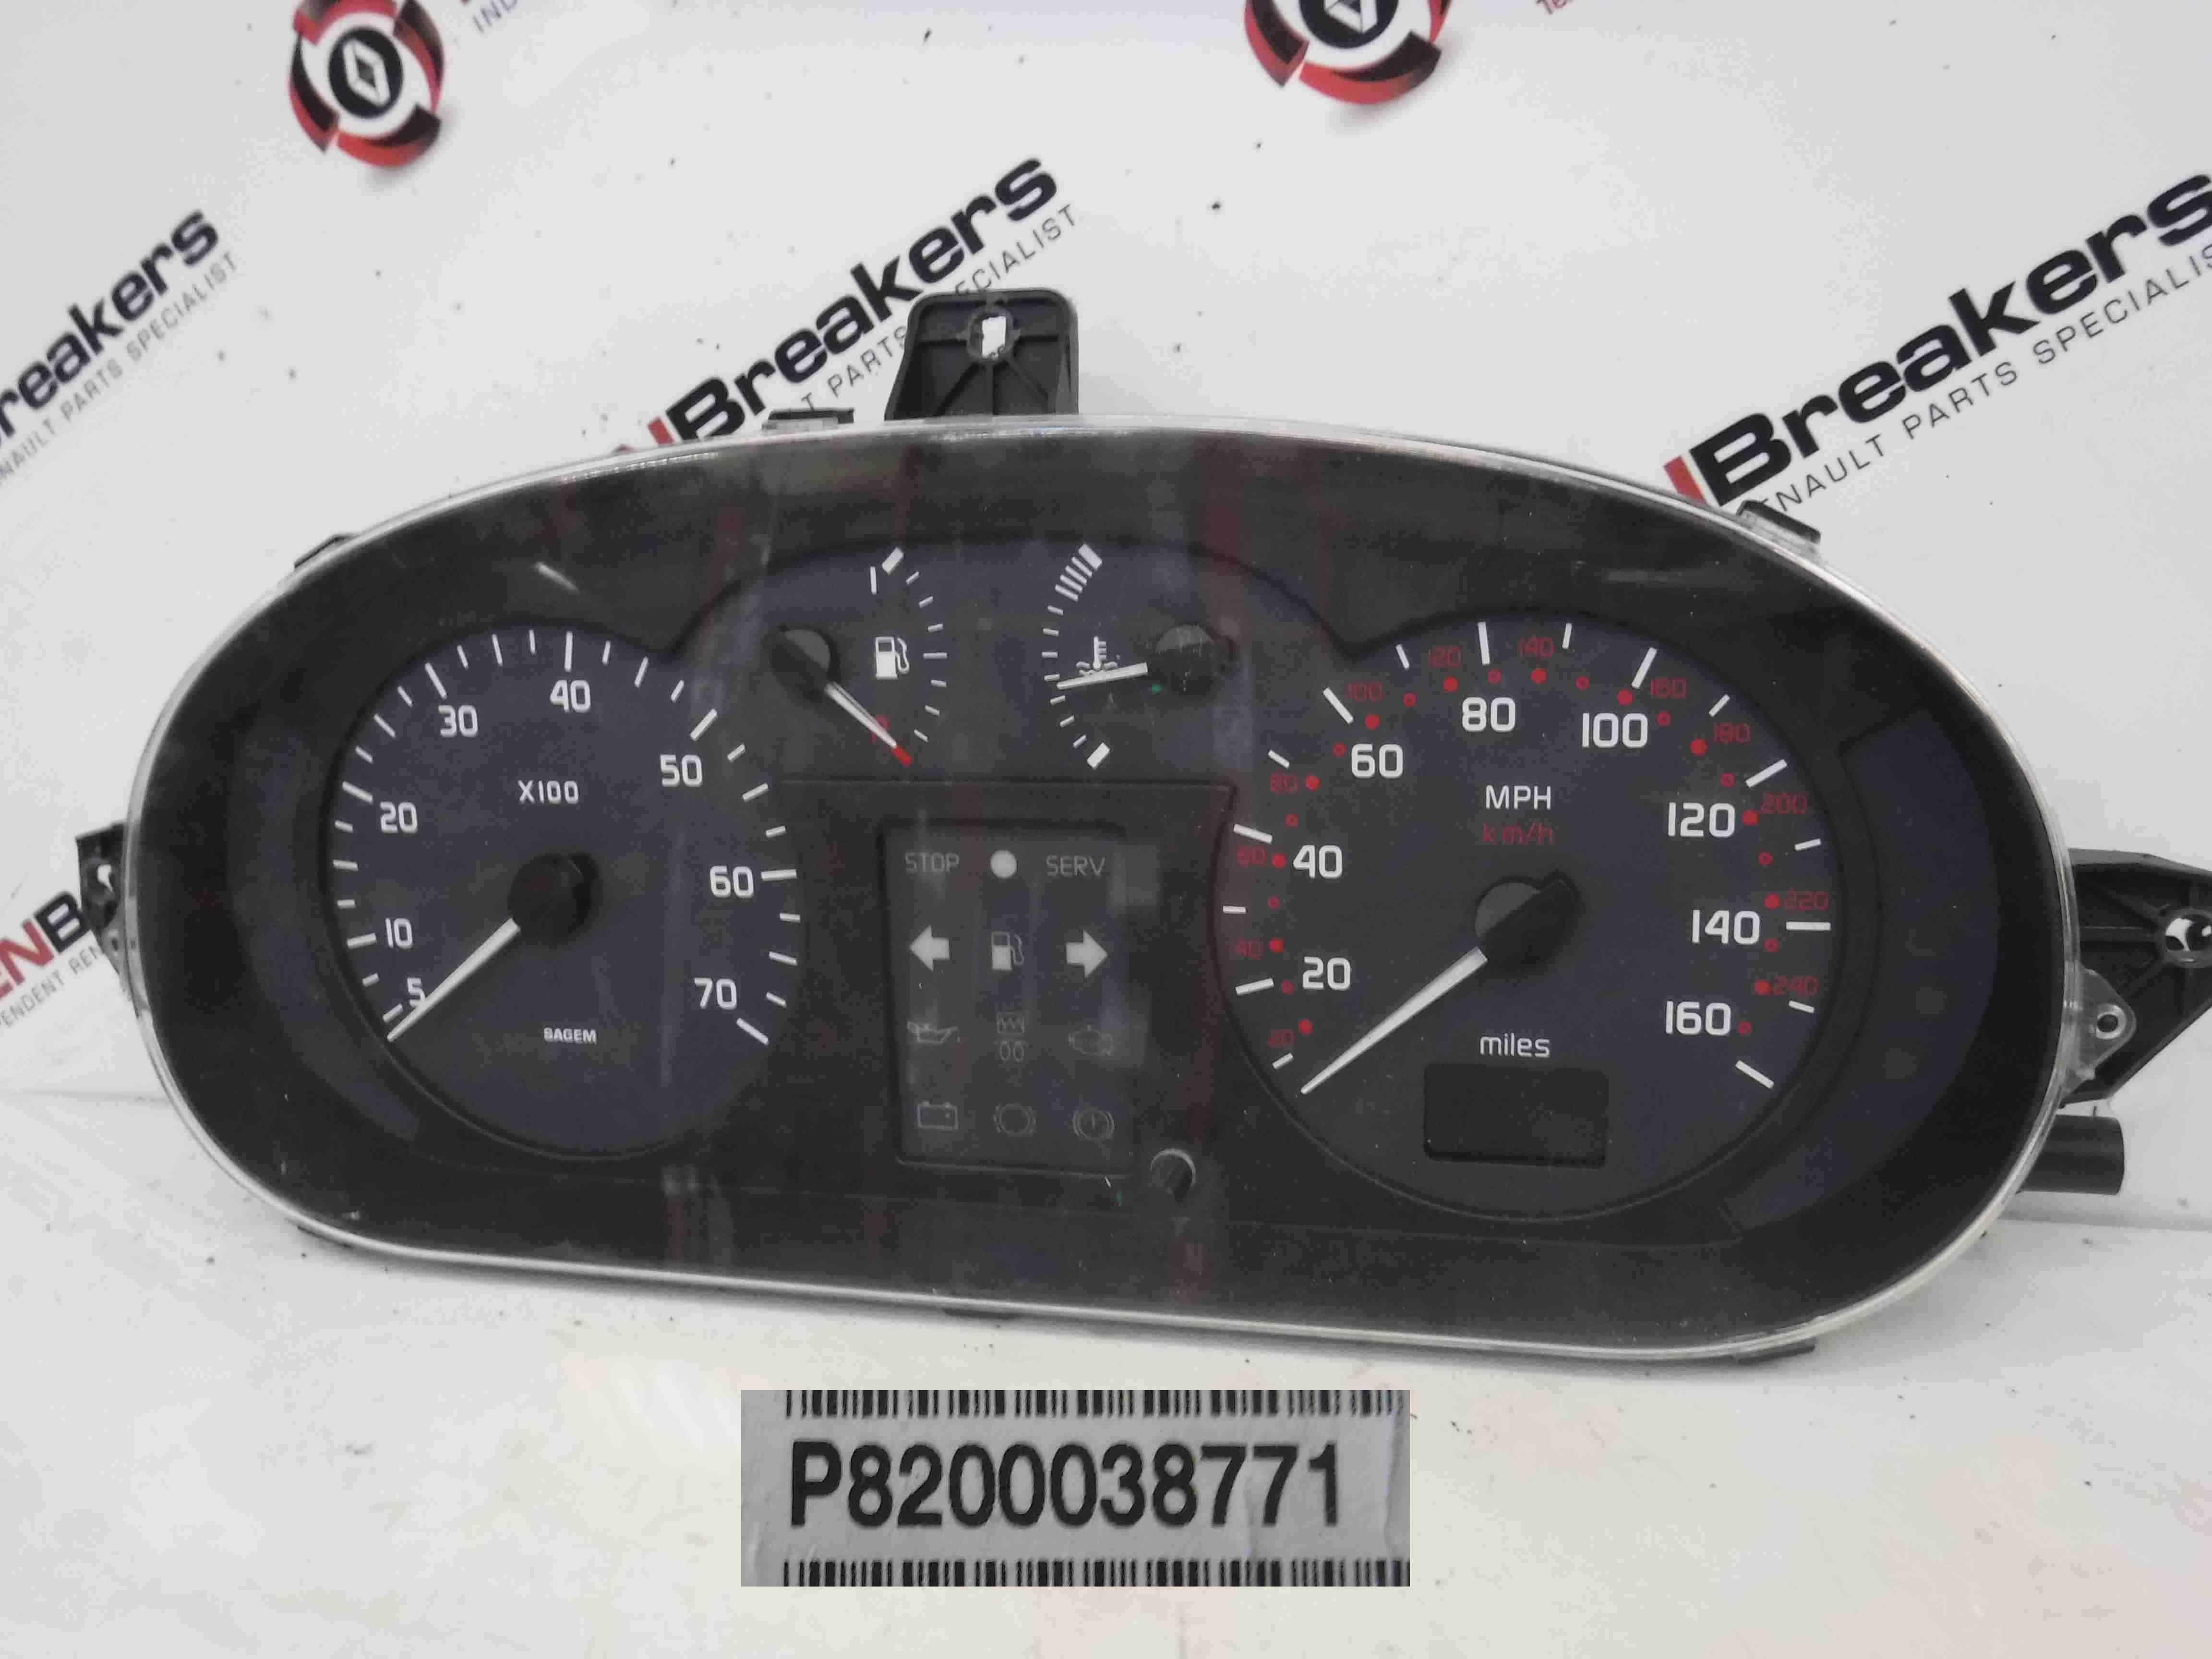 Renault Megane 1999-2002 Instrument Panel Dials Gauges Clocks 134K 8200038771